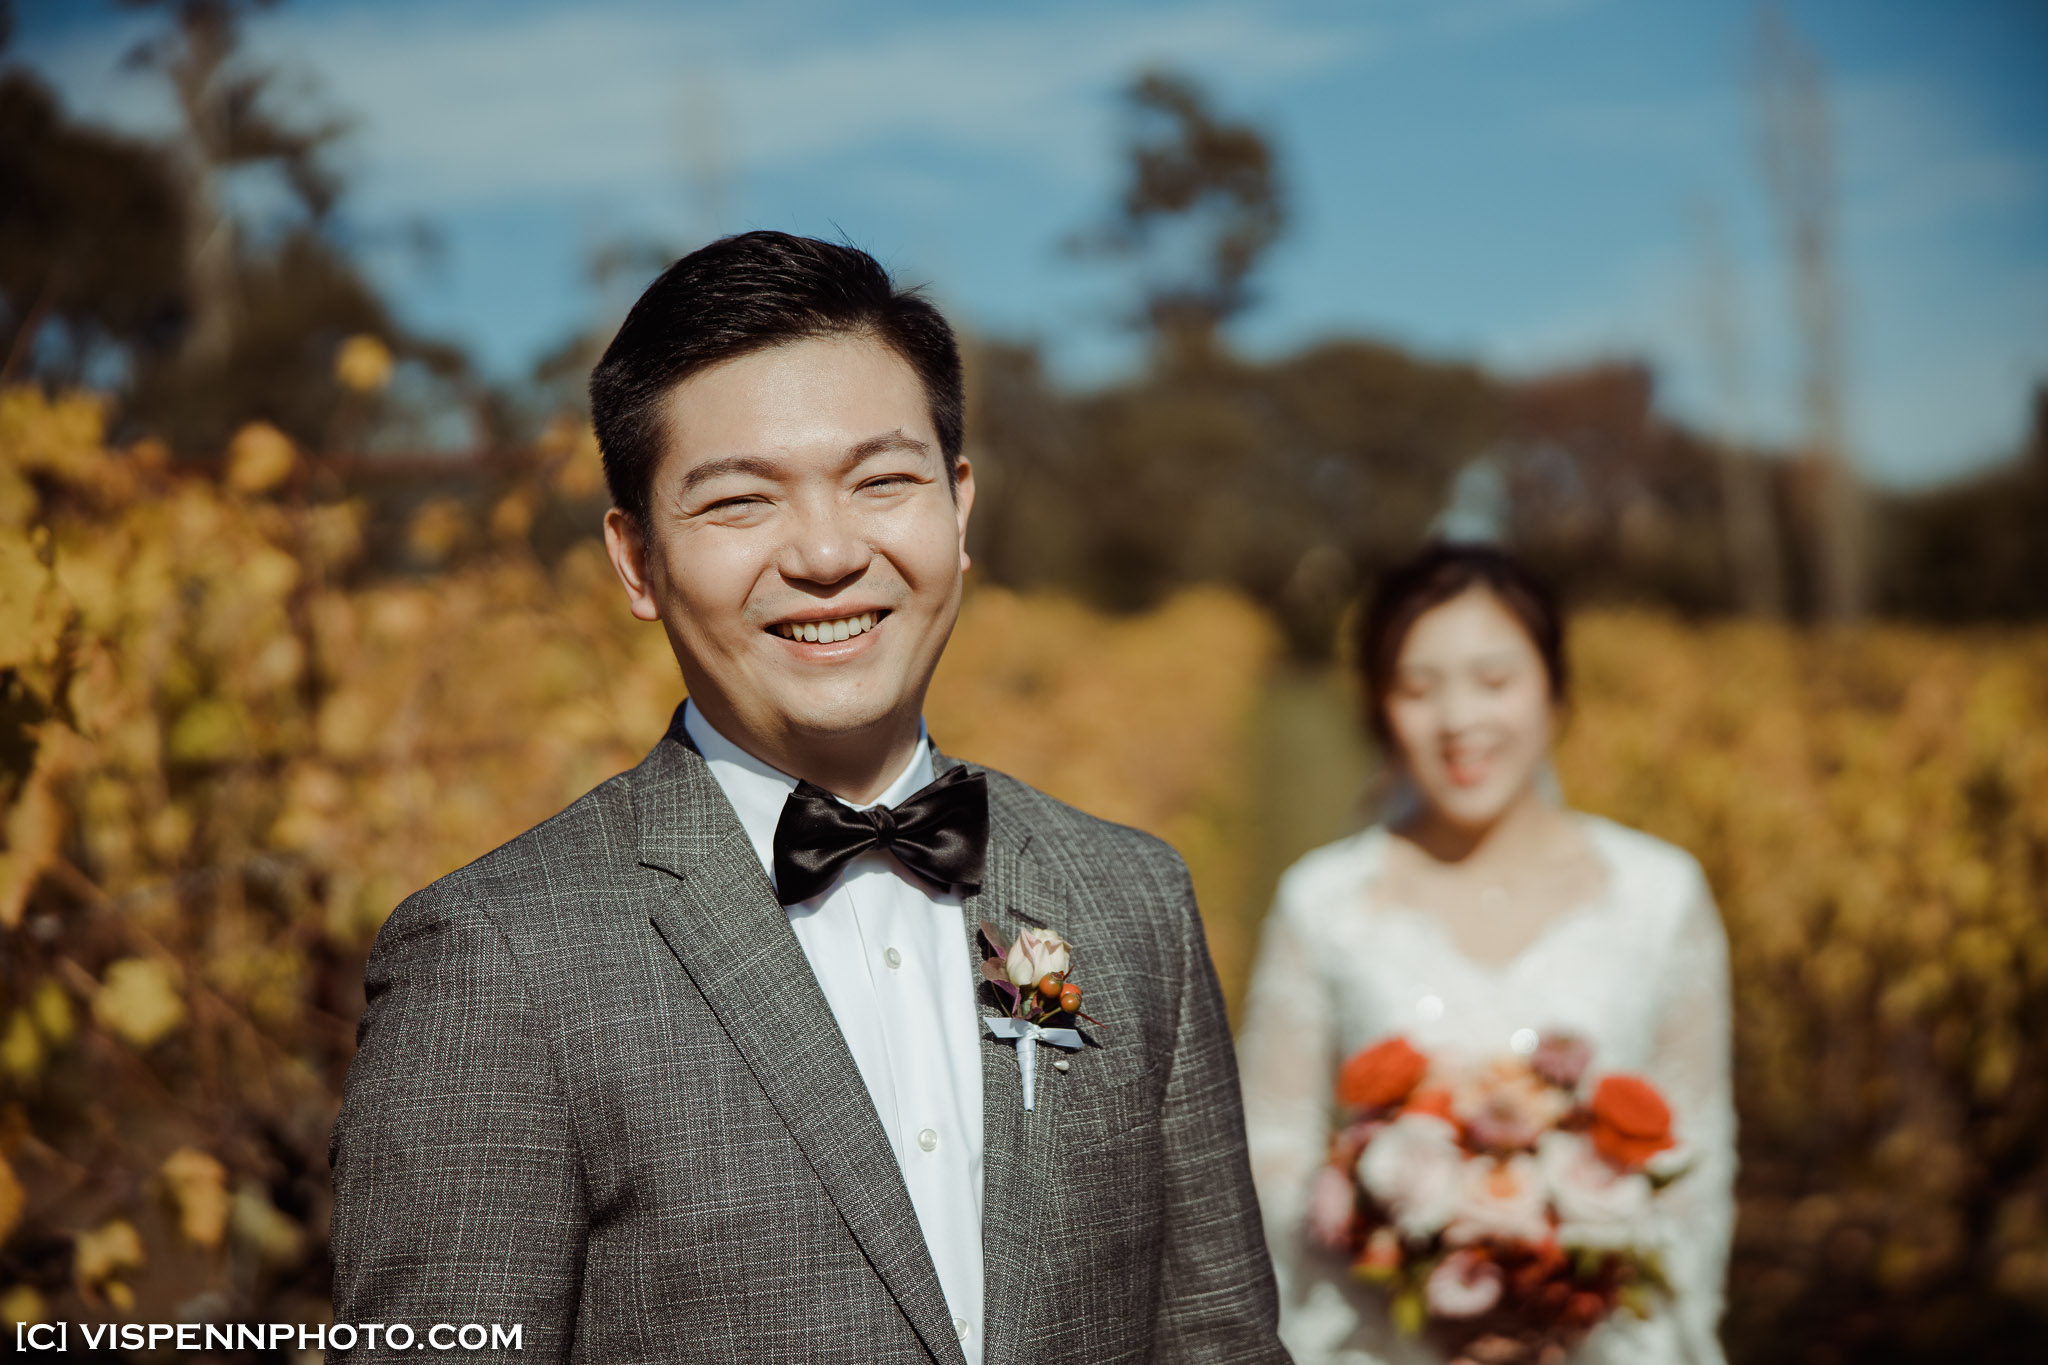 WEDDING DAY Photography Melbourne DominicHelen 1P 3521 EOSR ZHPENN